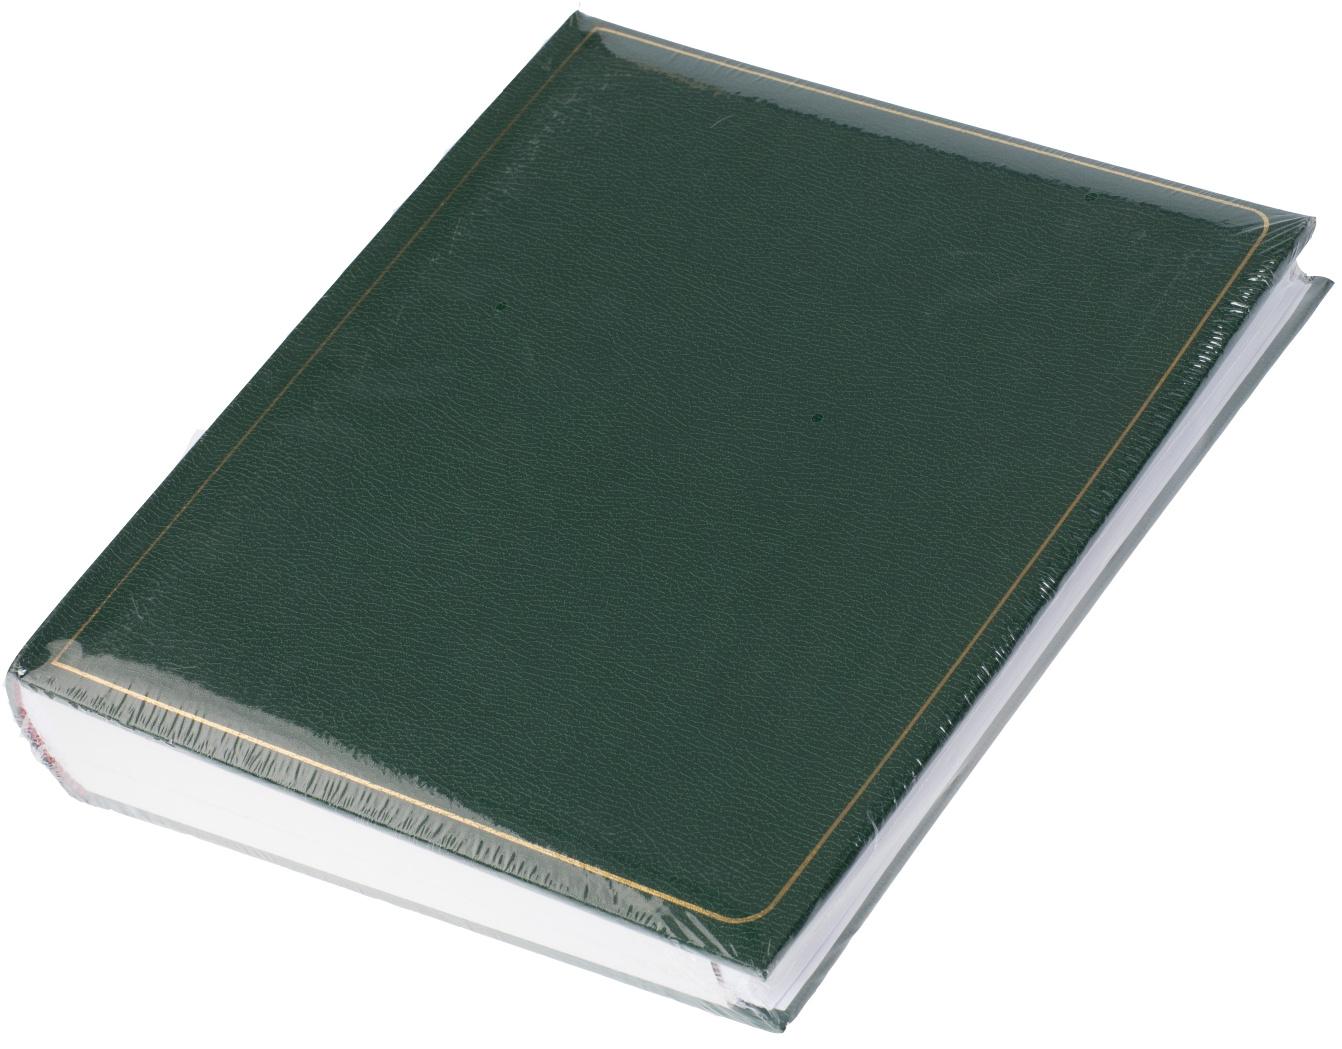 ALBUM HENZO MEMORY klasické 28X30.5/100stran, zelená, vínová, černá, bílá, modrá